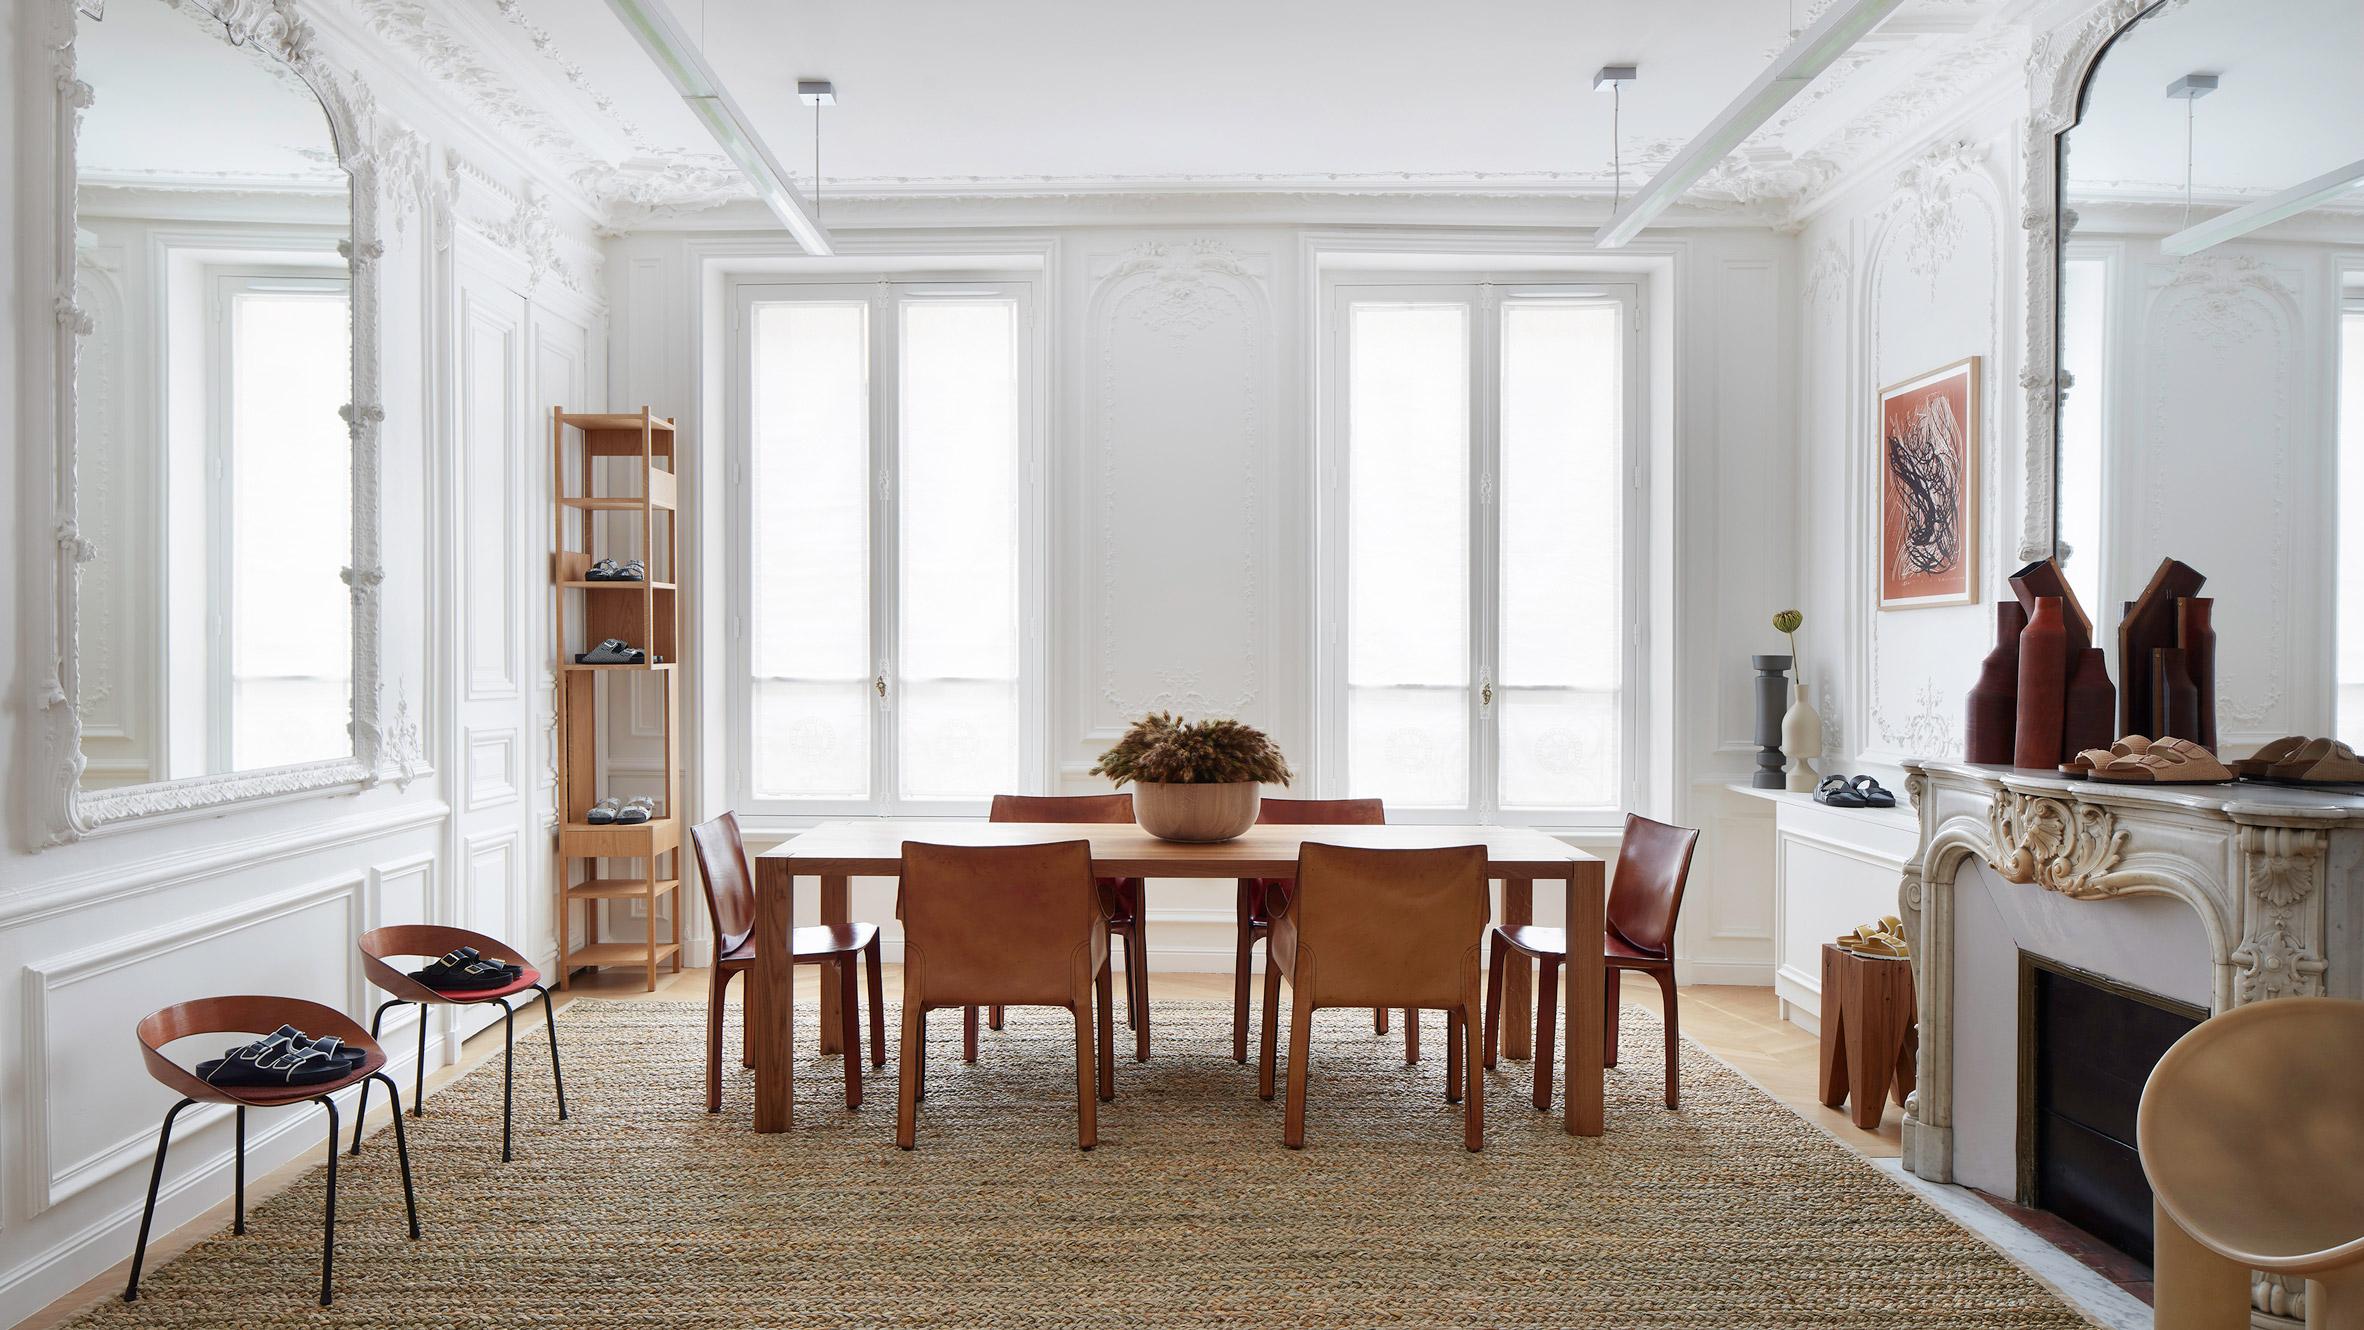 Thiết kế nội thất căn hộ cao cấp 6